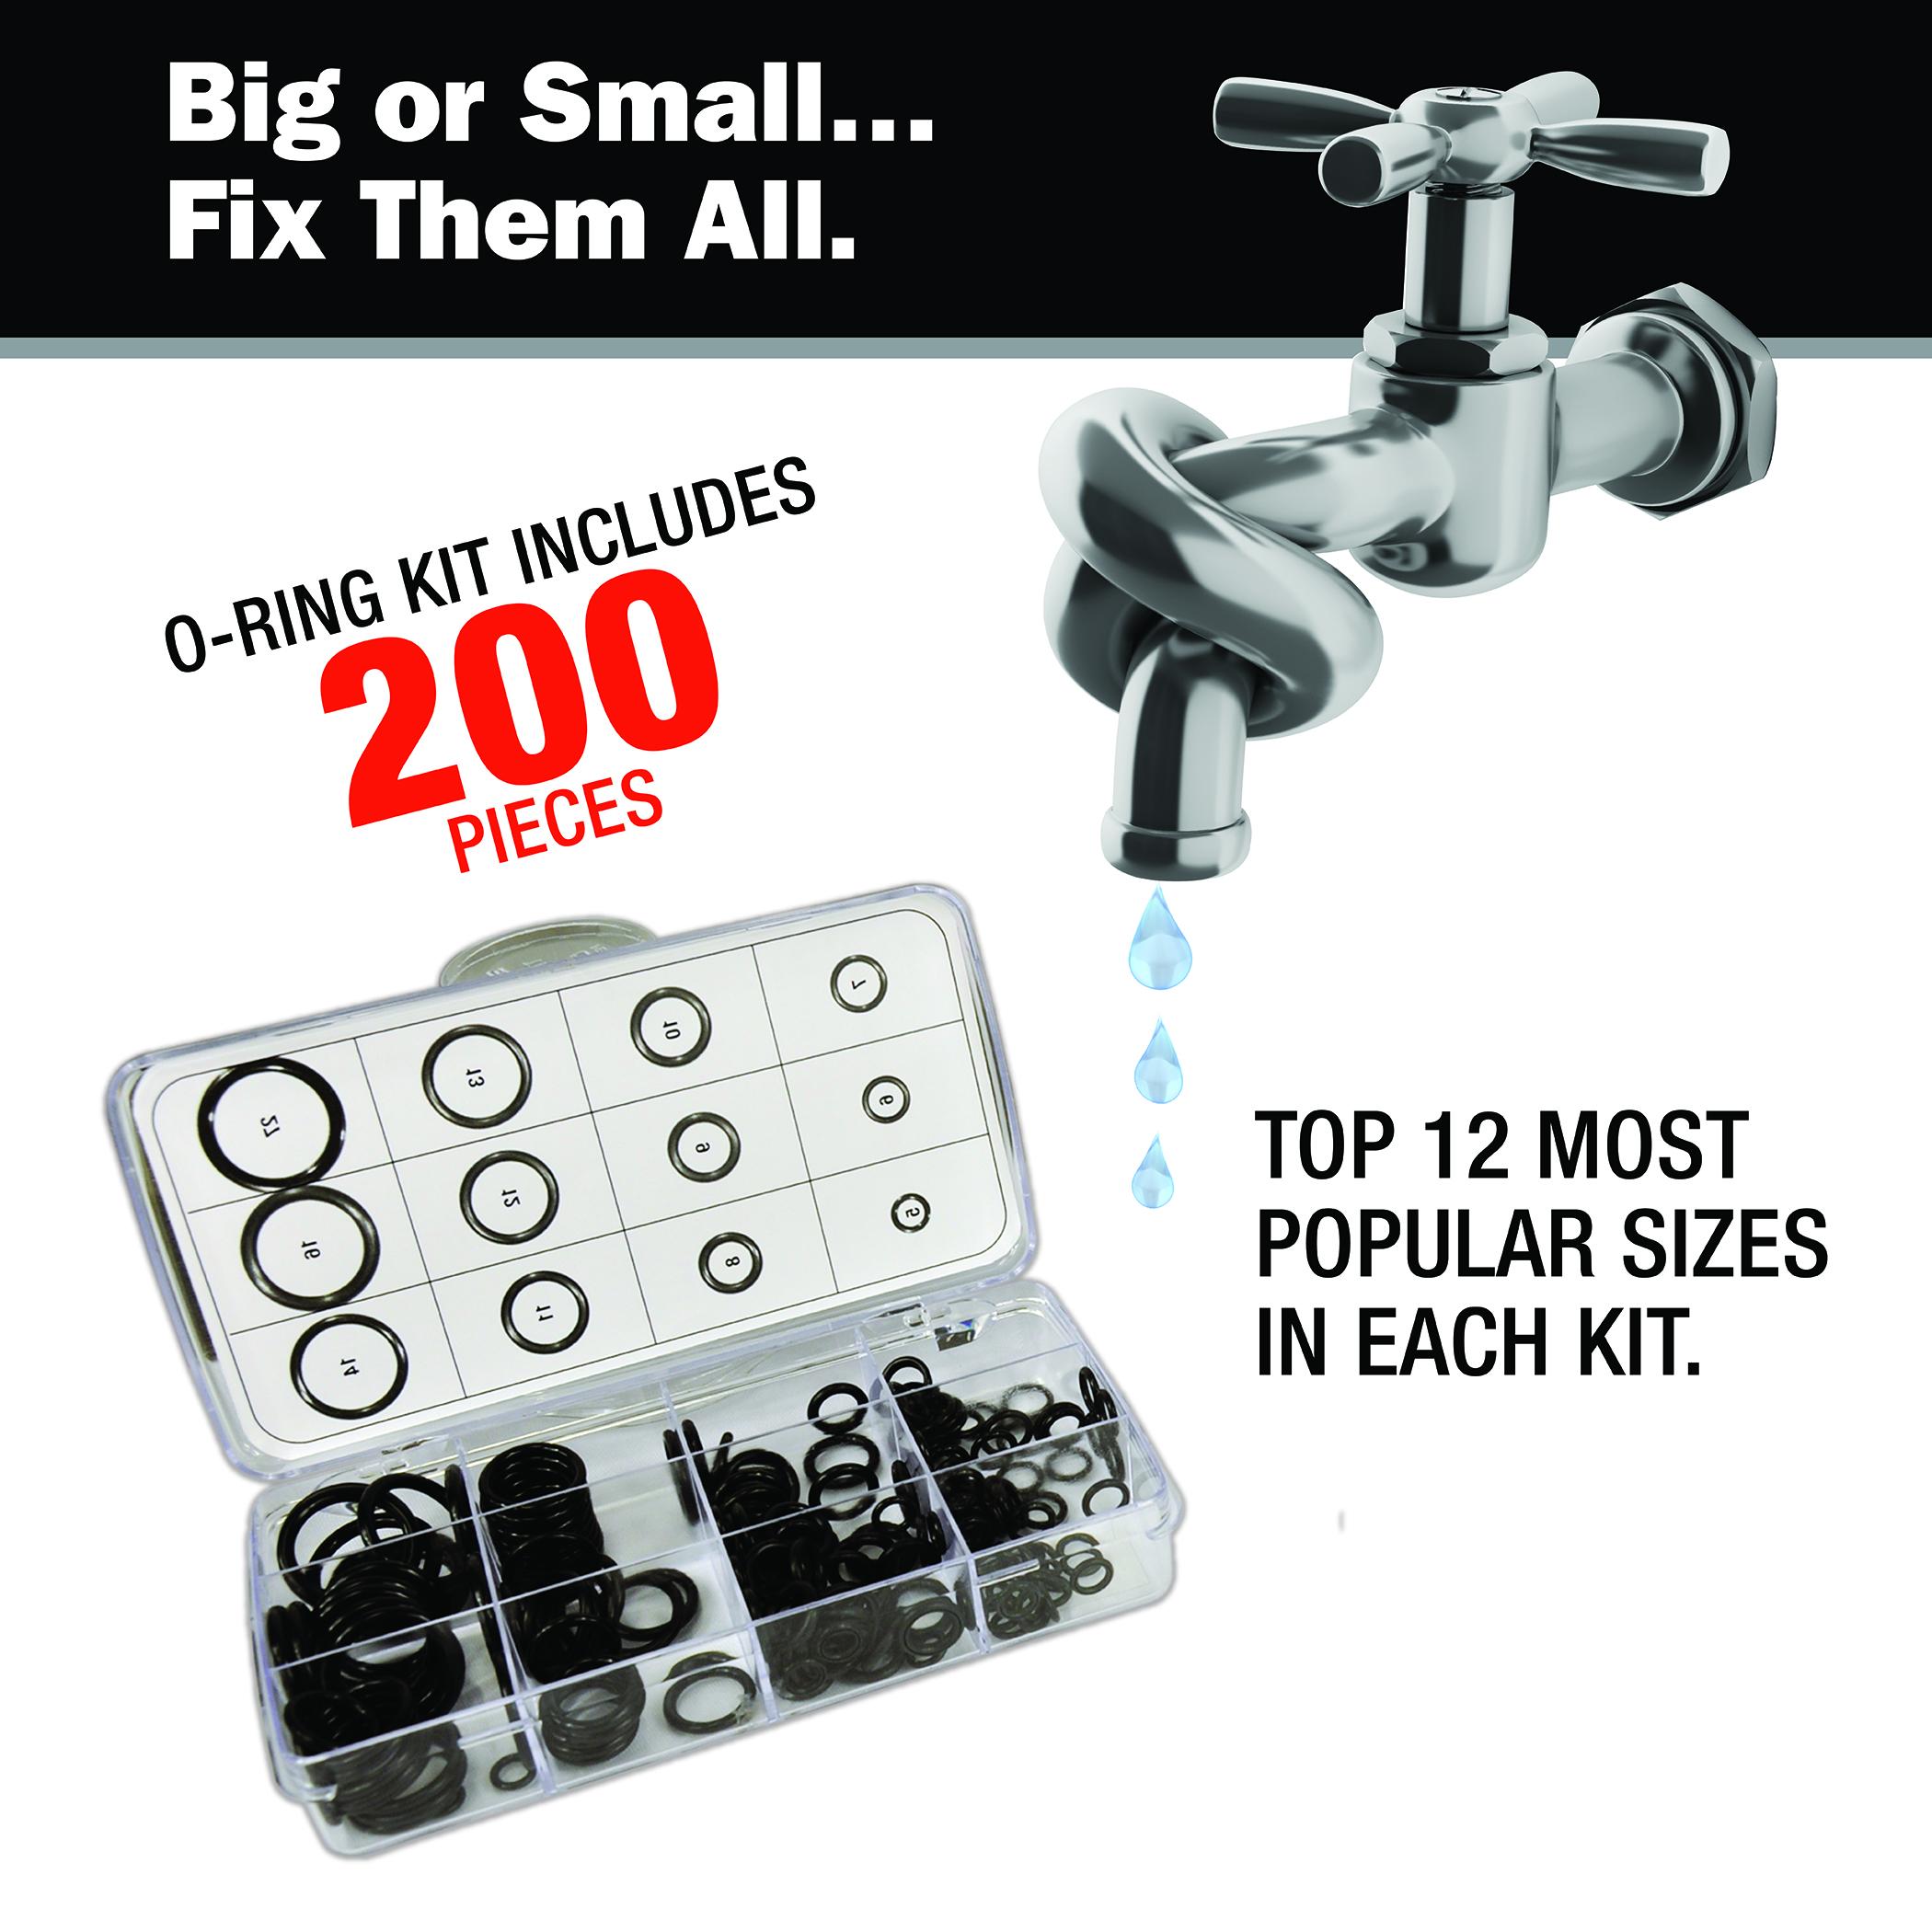 200-Piece O-Ring Kit